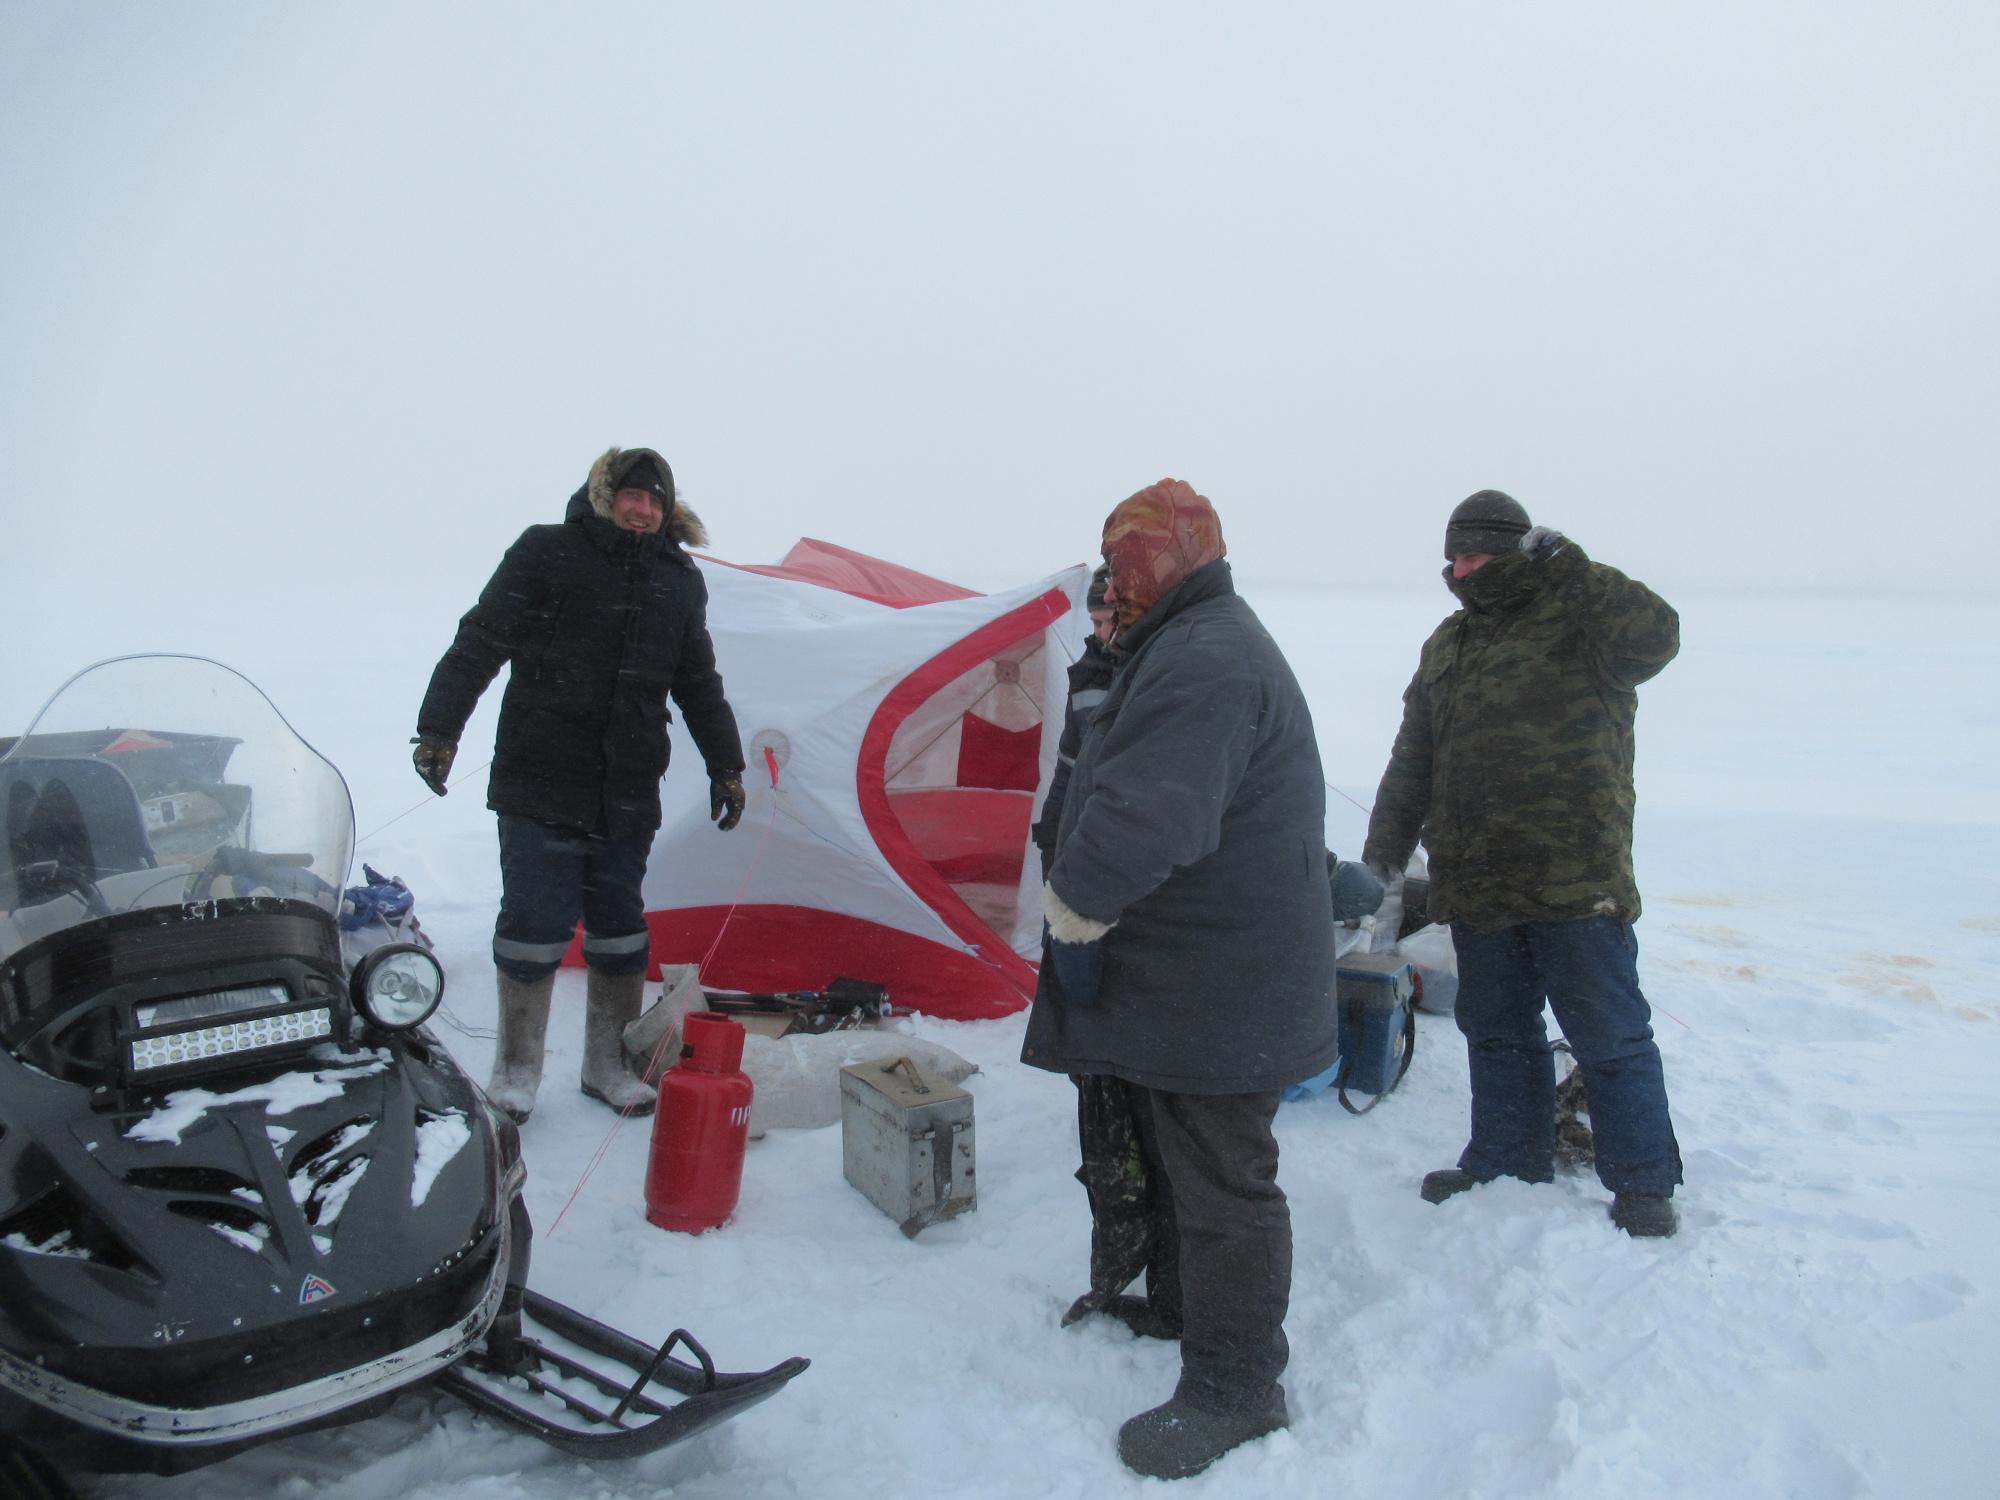 Омские рыбаки в ураган оказались на середине озера в палатке #Омск #Общество #Сегодня